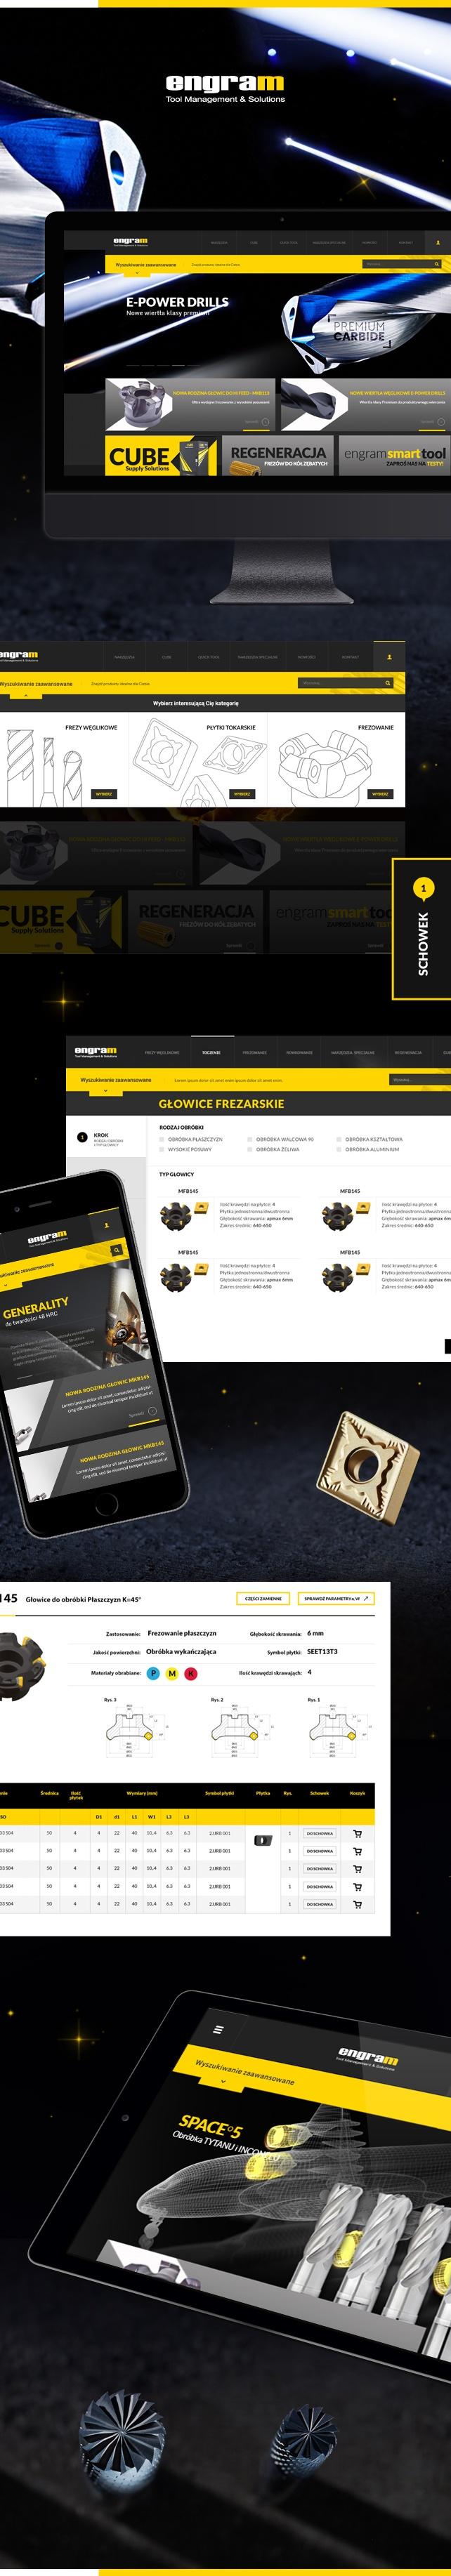 Strona www, projekt graficzny ENGRAM MMT Dystrybutor specjalistycznych narzędzi